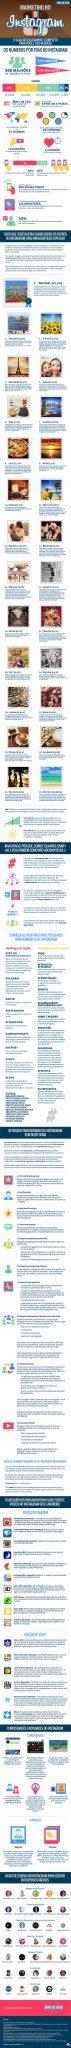 infografico_inbound_marketing